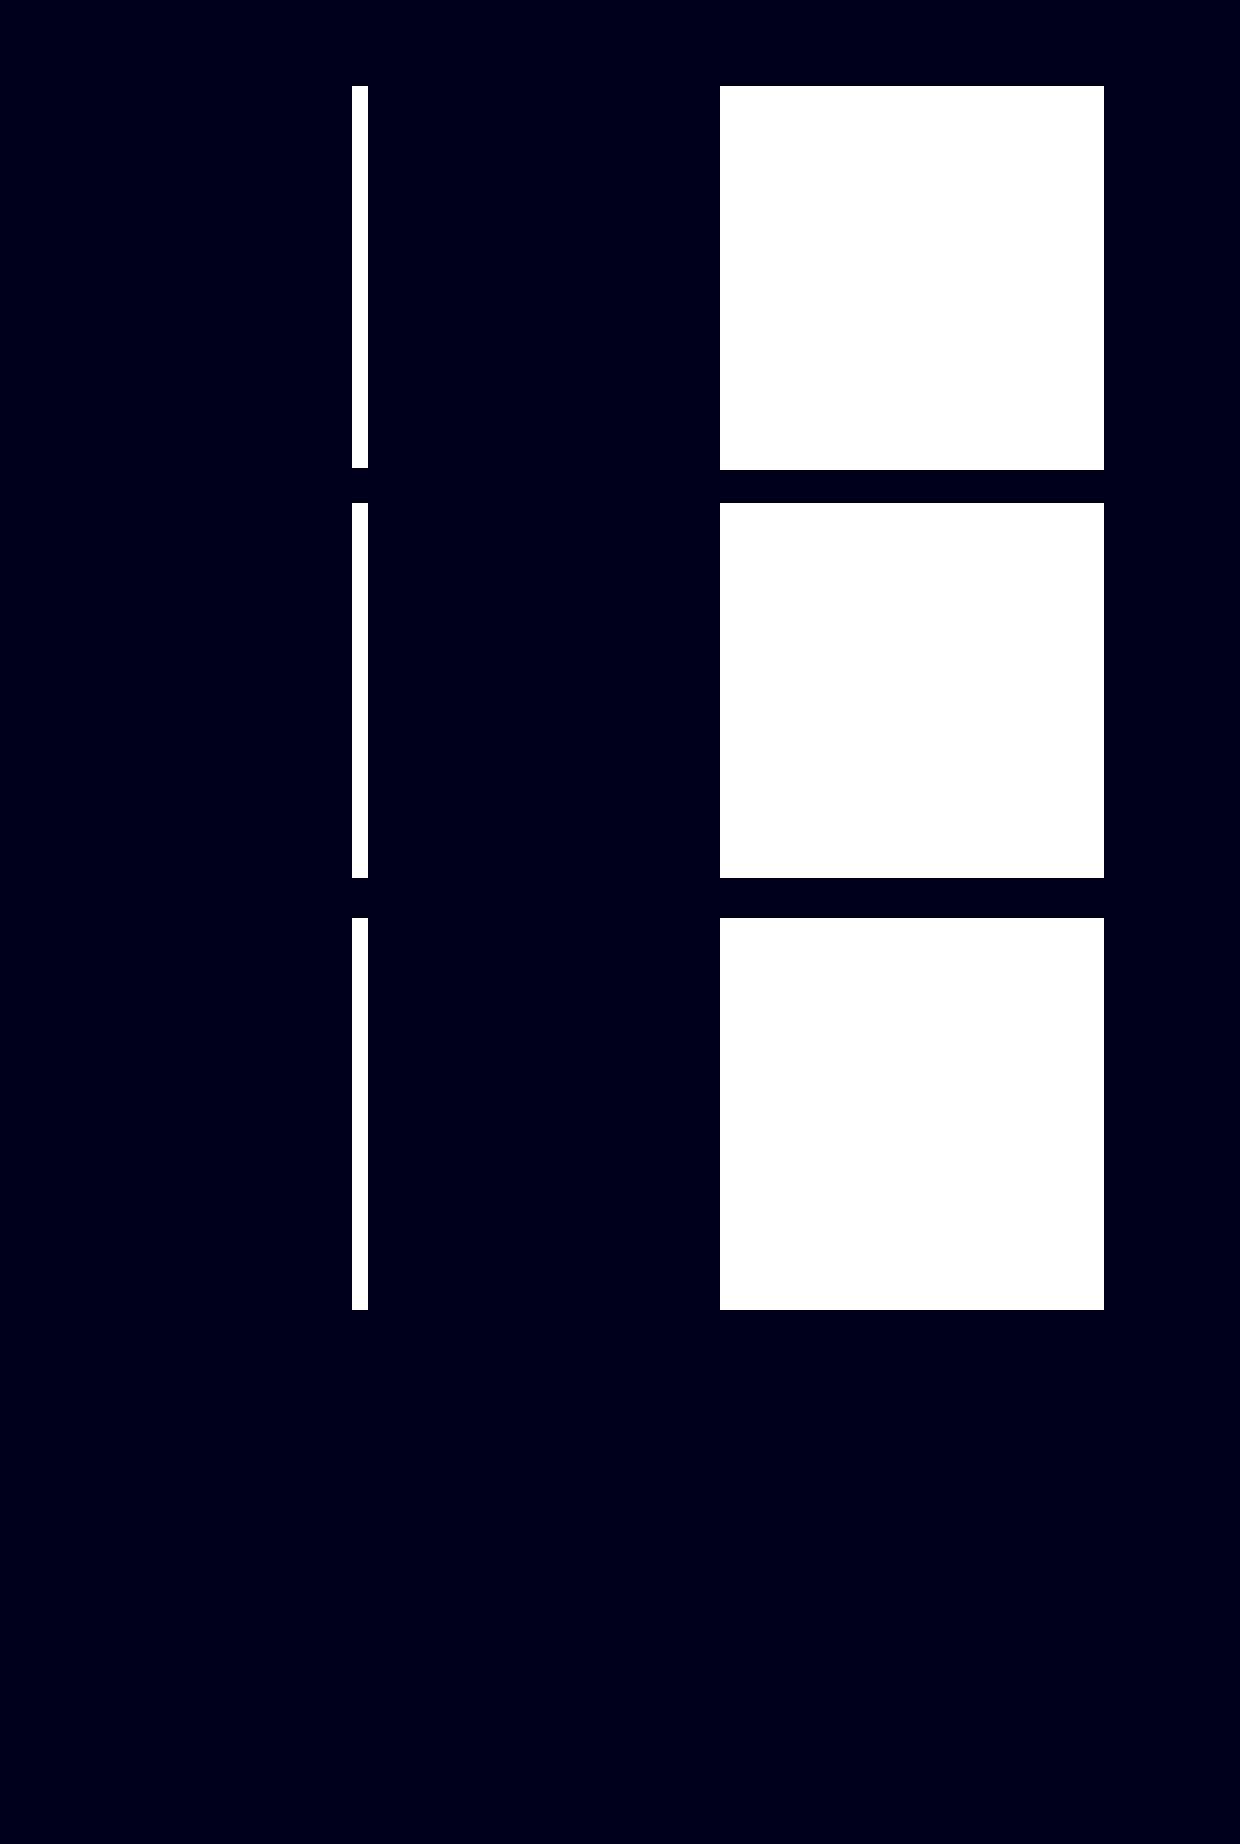 14. Black